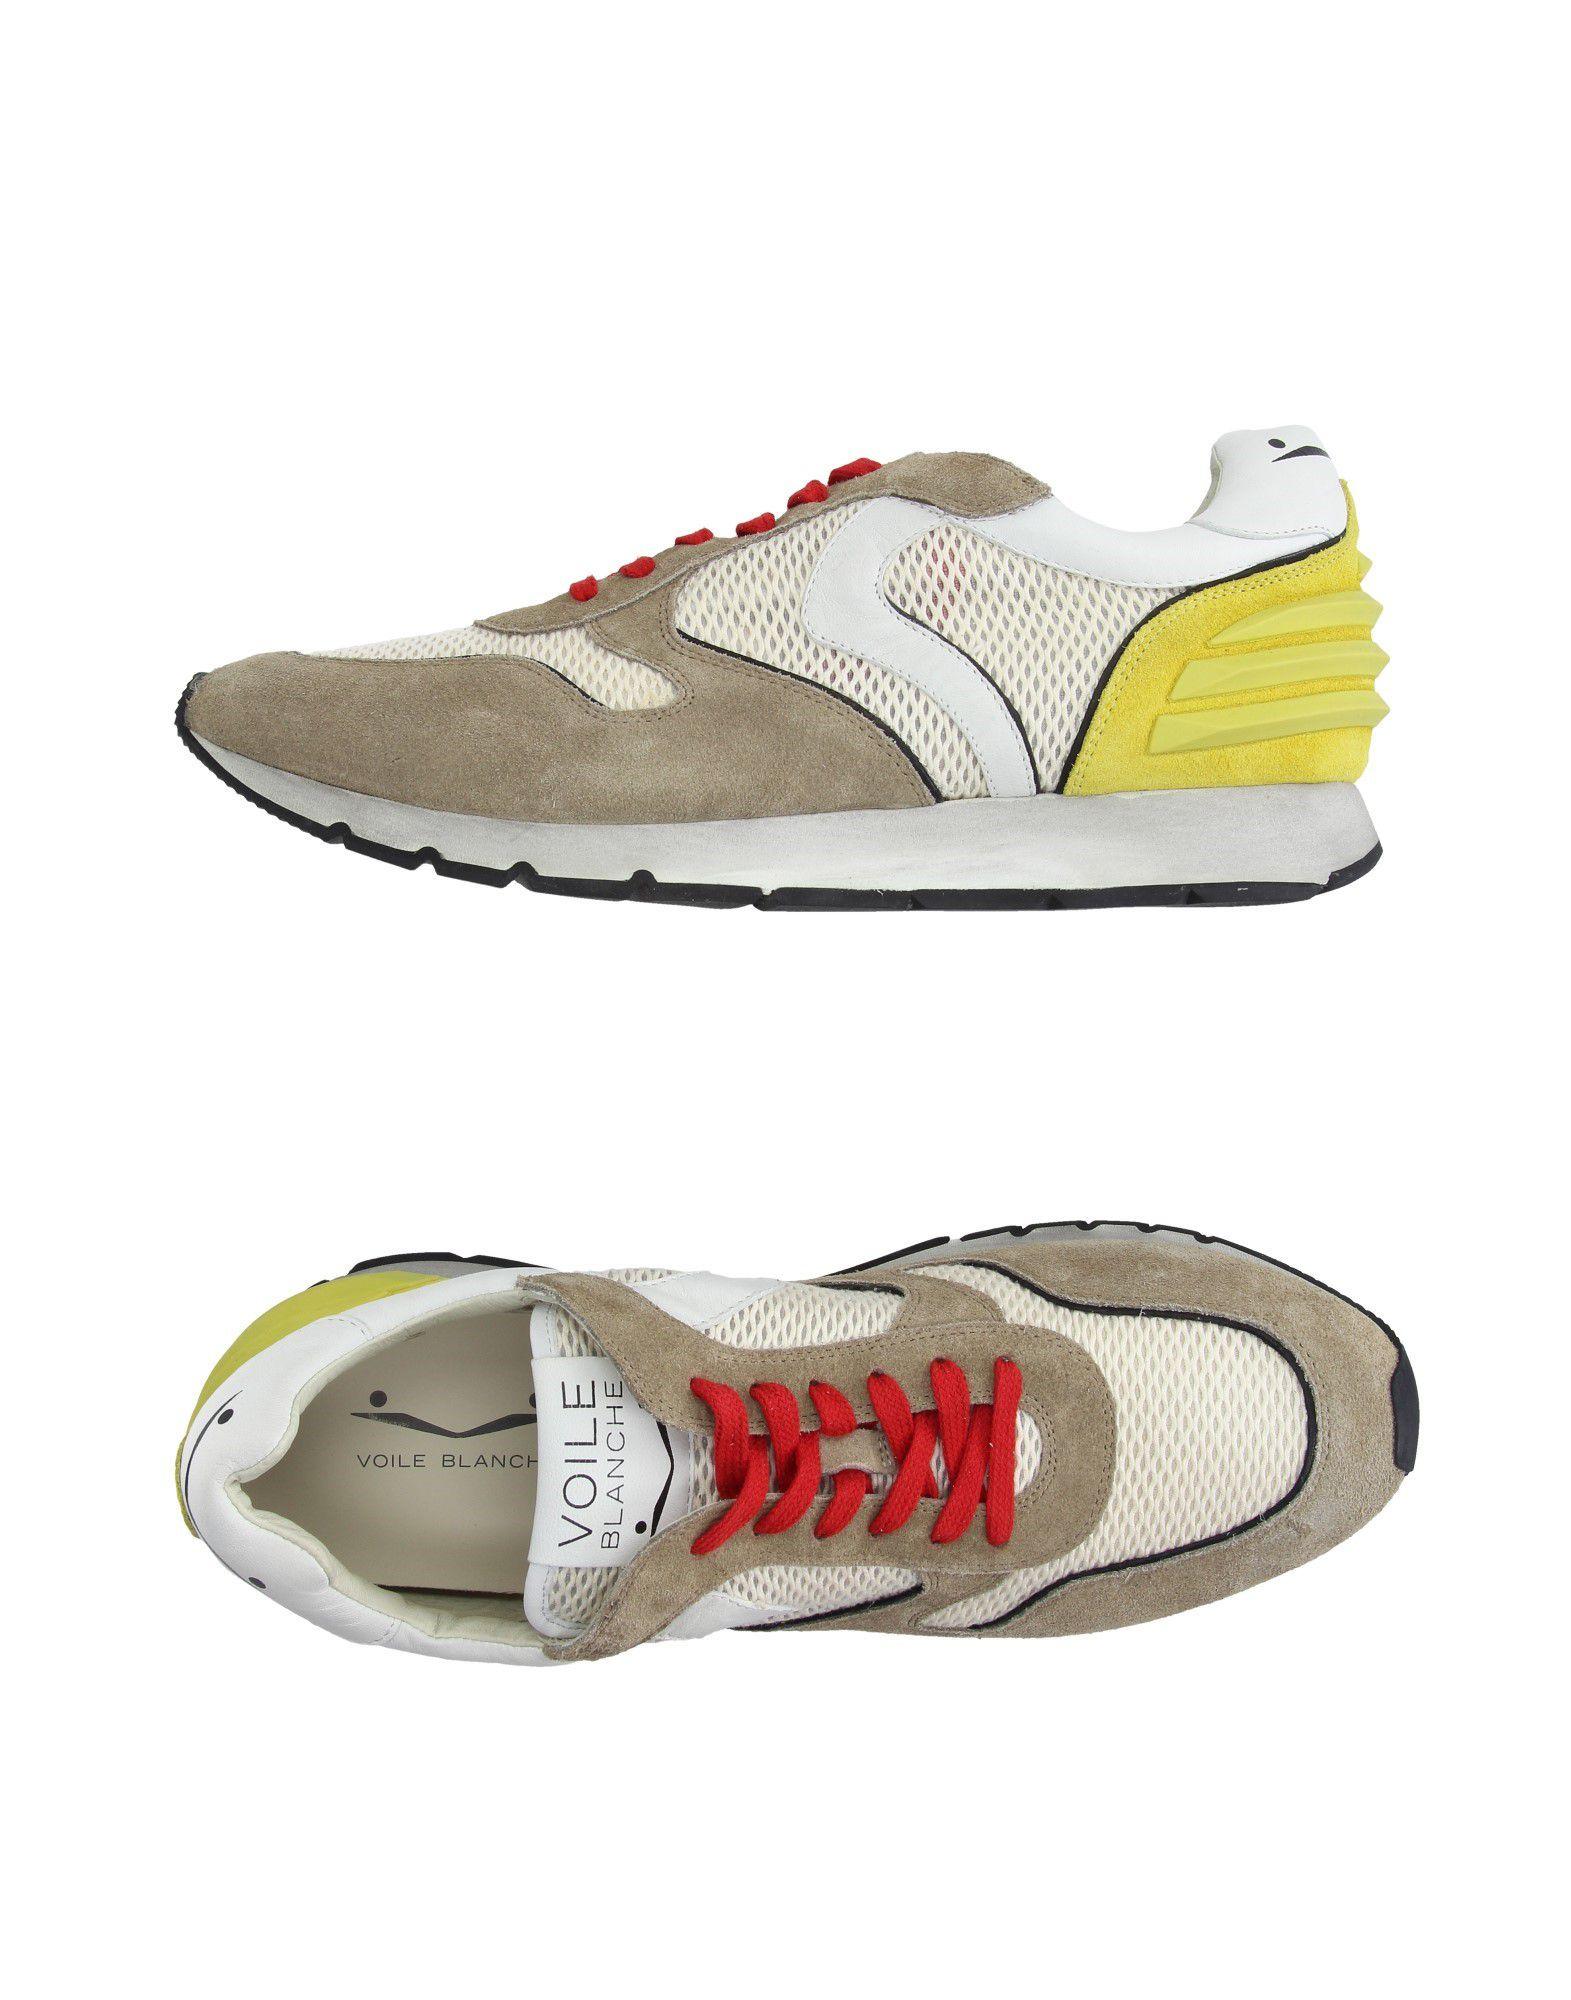 Rabatt echte Schuhe Voile 11027750OG Blanche Sneakers Herren  11027750OG Voile 23e620